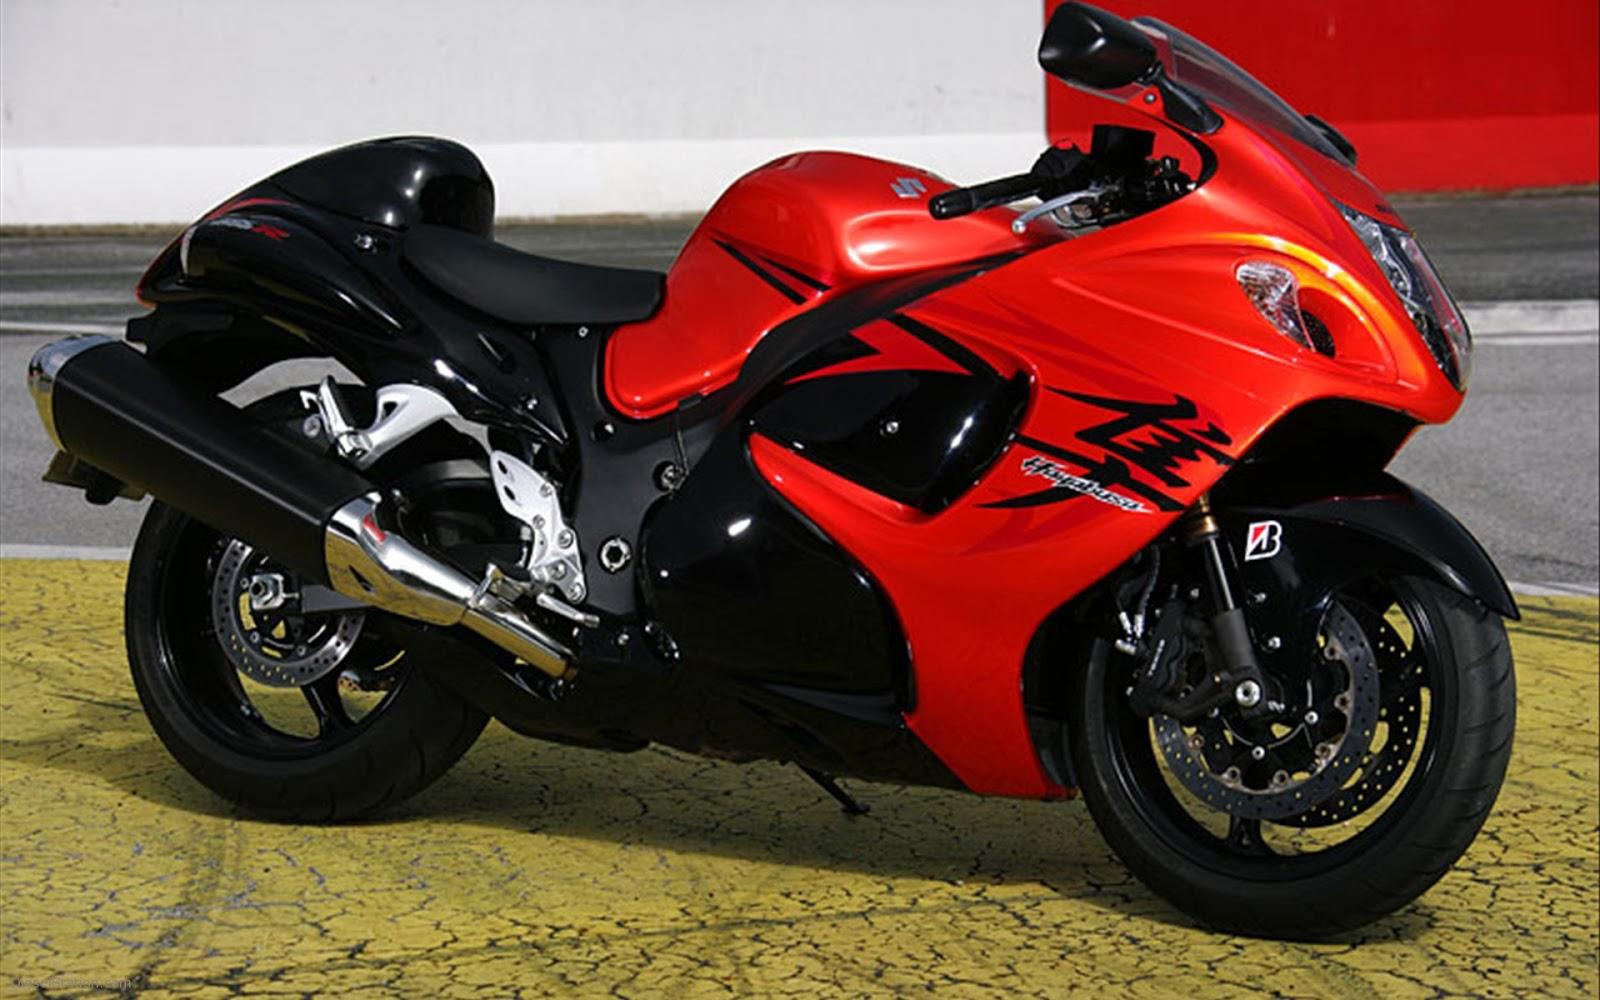 31 Gambar Motor Sport Keren Berbagai Tipe  Glmour Gallery